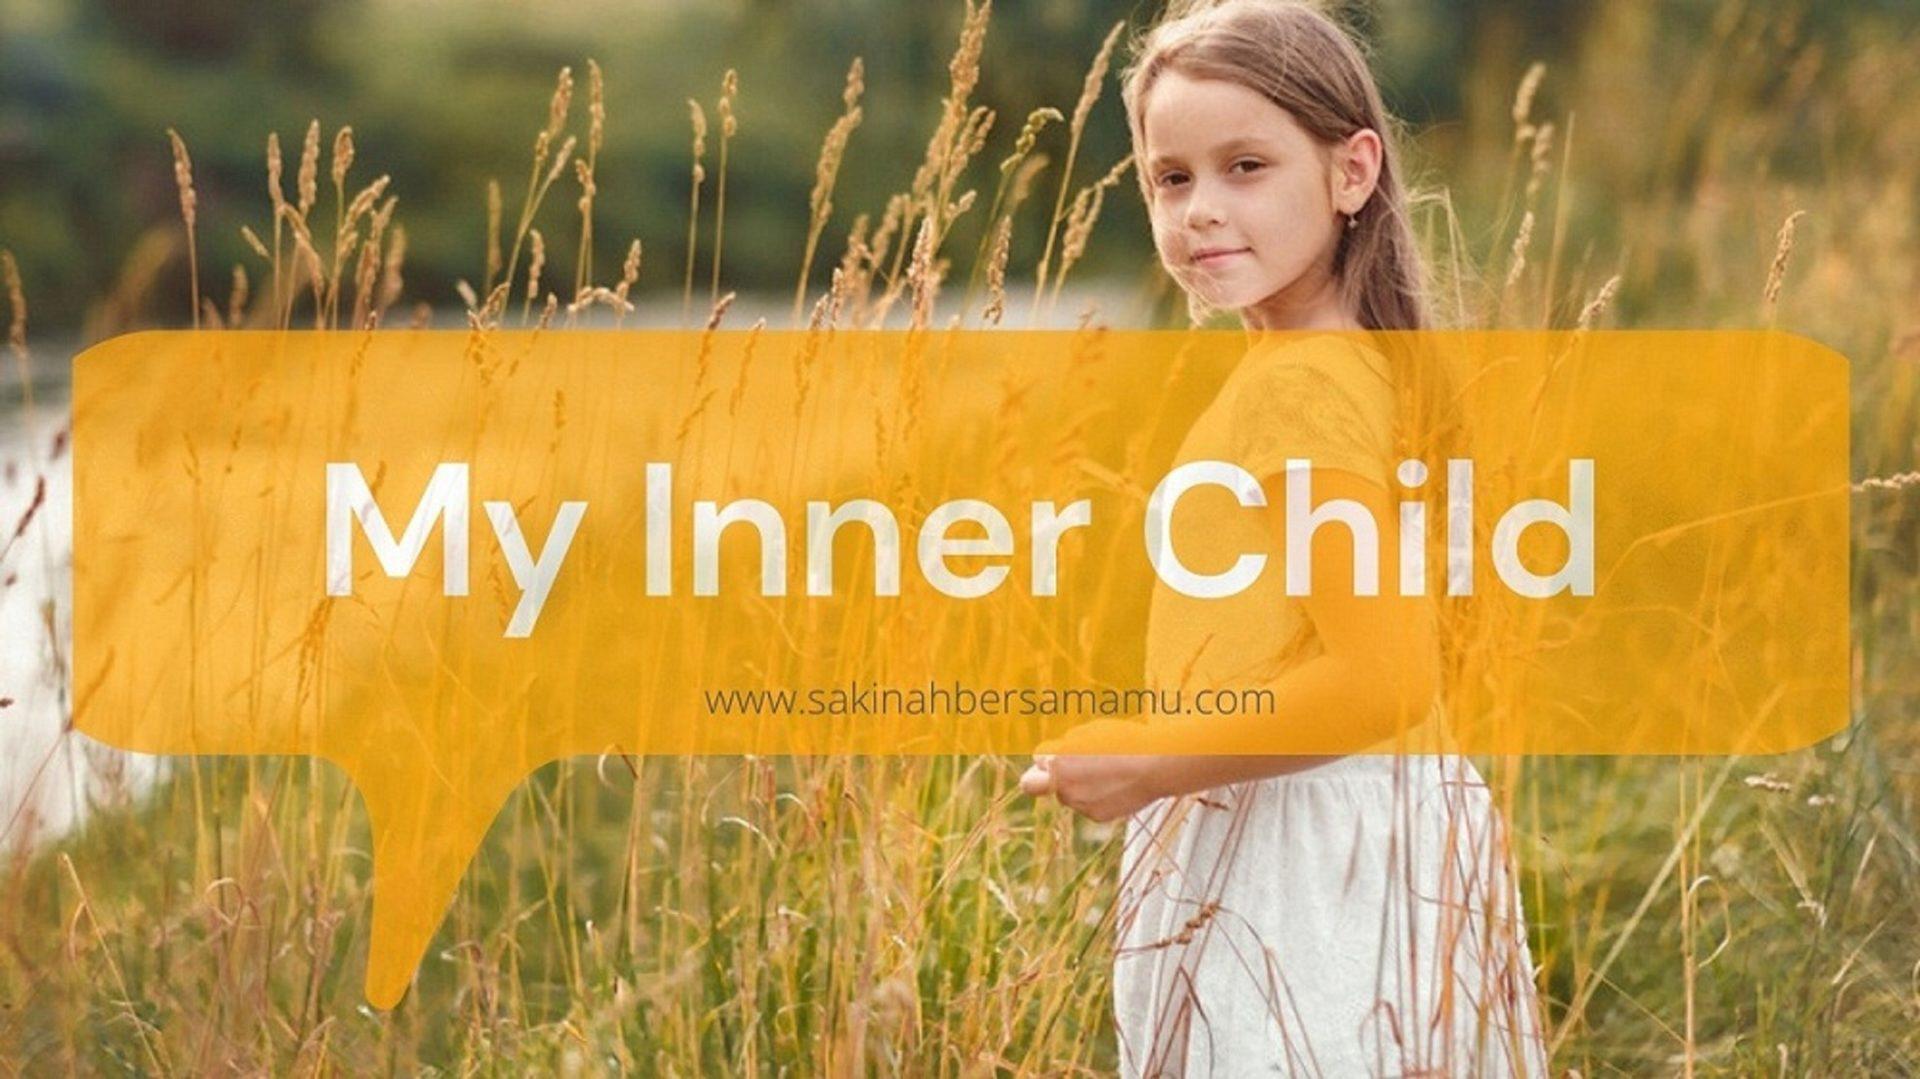 jurnal inner child, penelitian inner child, innder child adalah, referensi inner child, gambar inner child, foto inner child